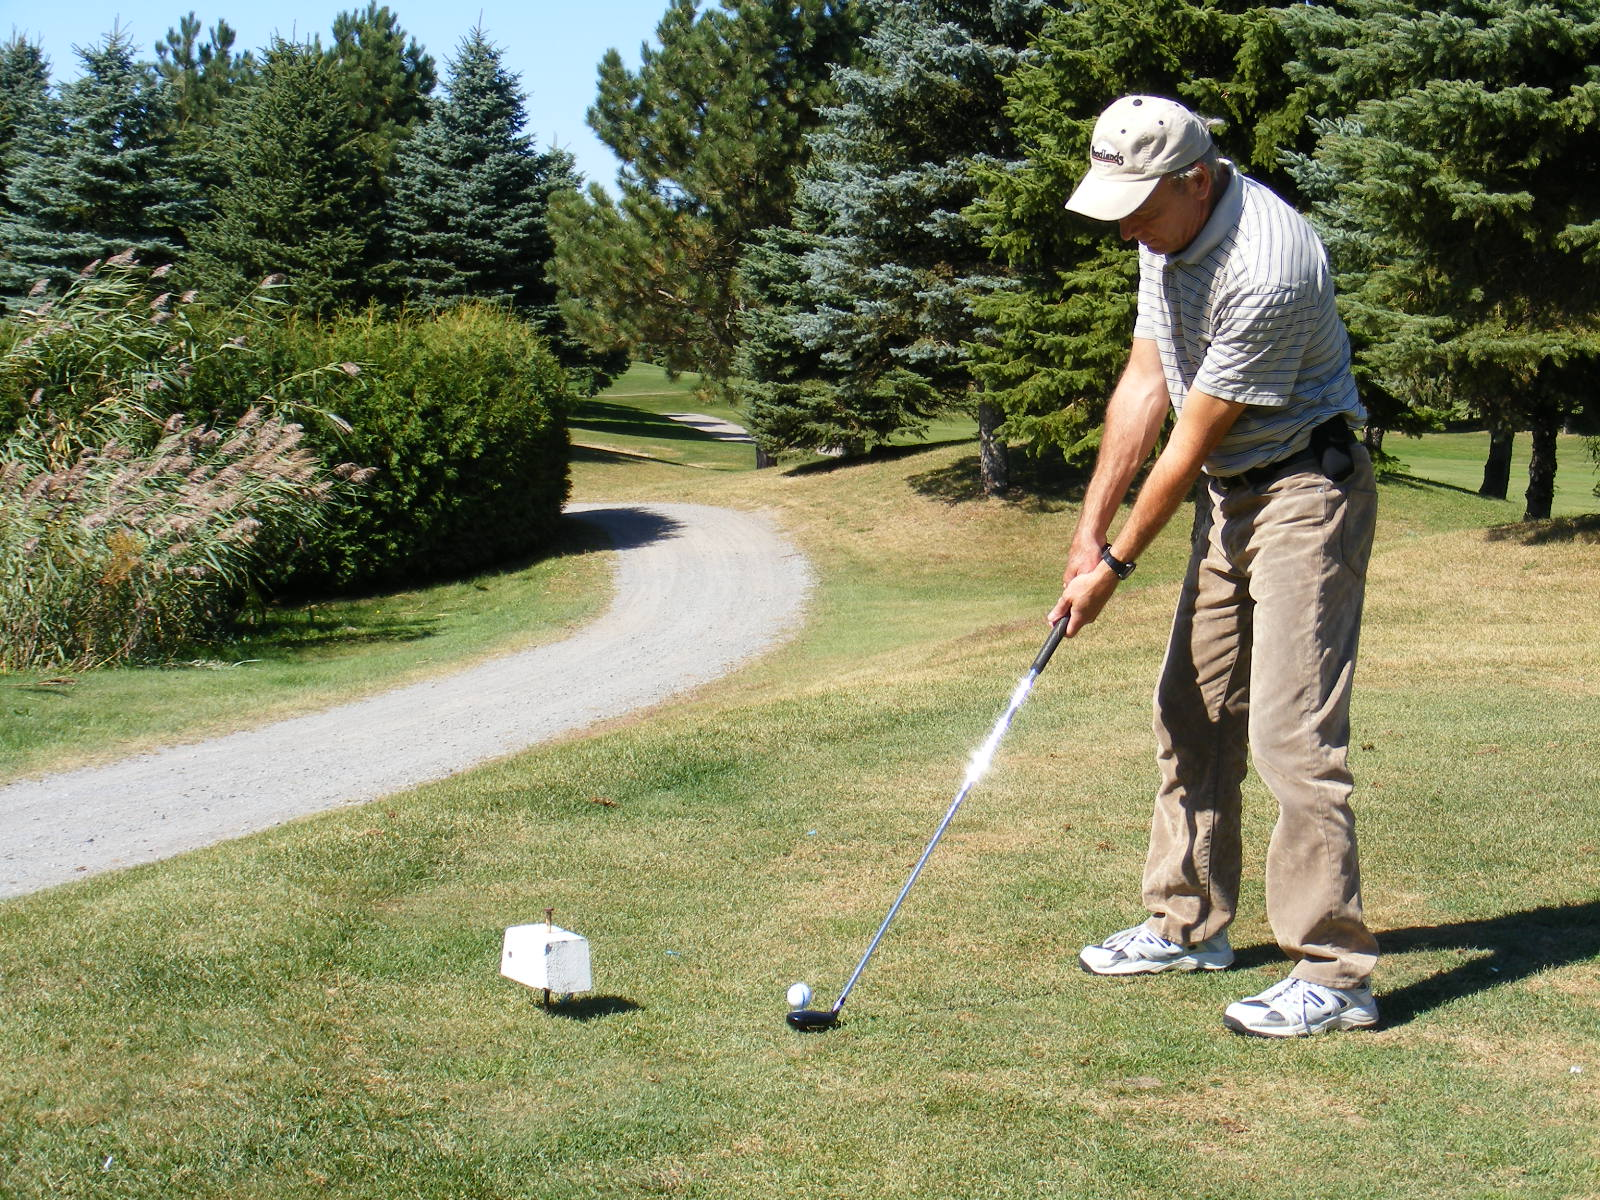 La prise du baton de golf, la clé pour un birdie